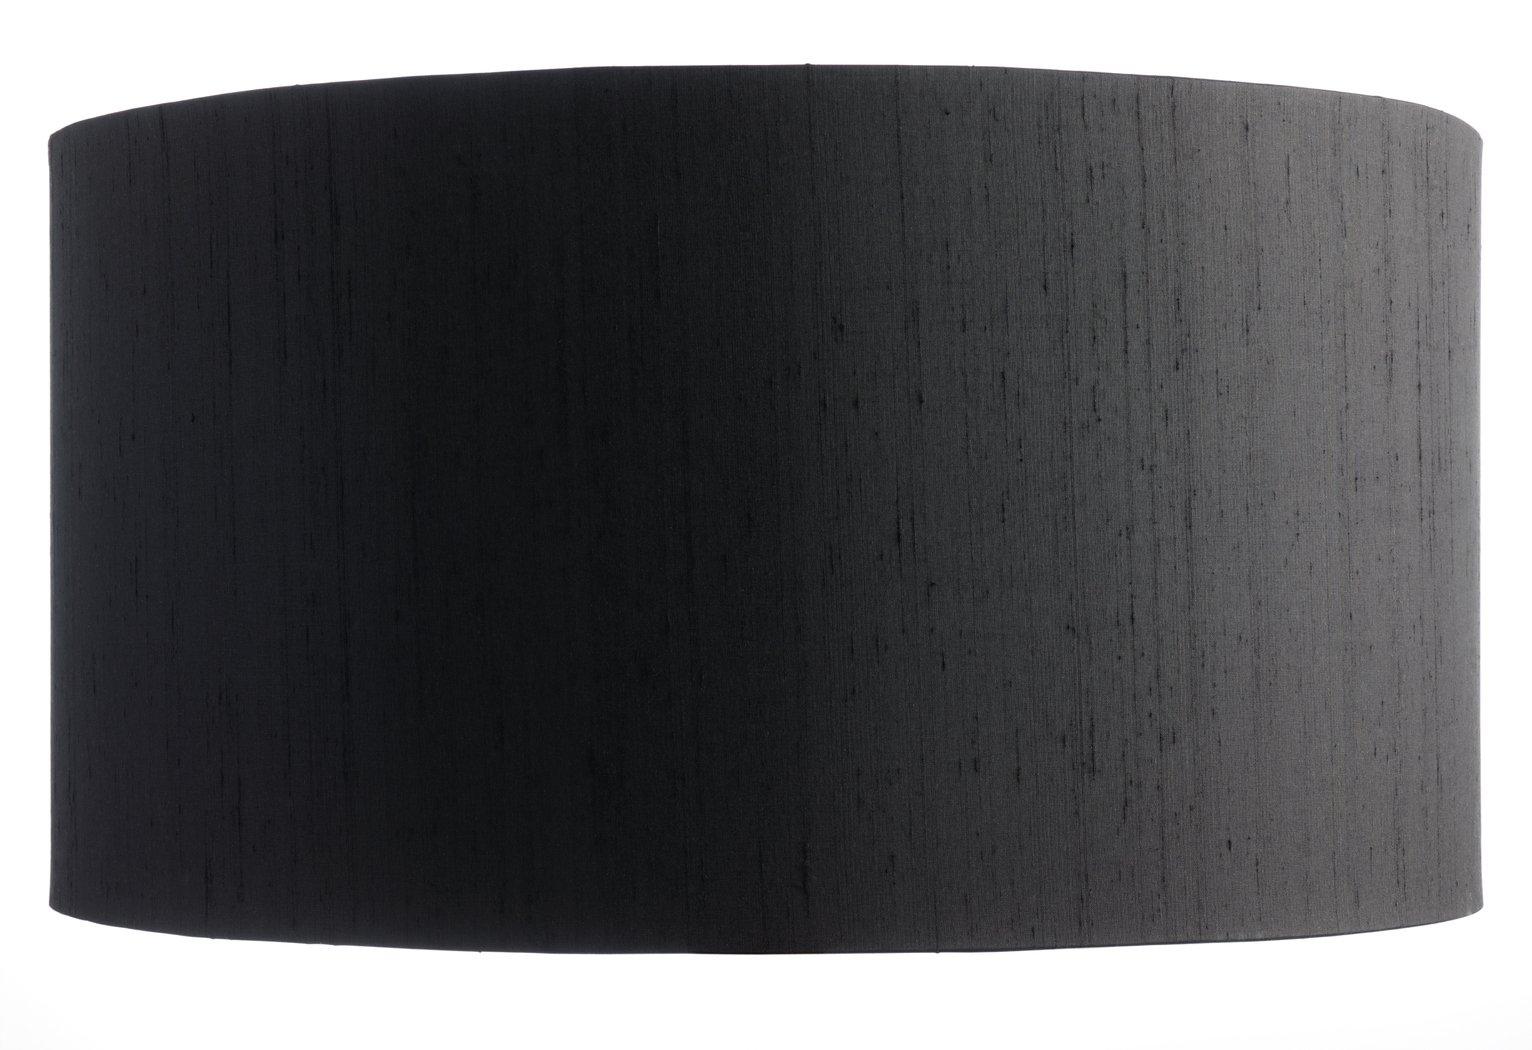 Habitat 49cm Drum Silk Shade - Black